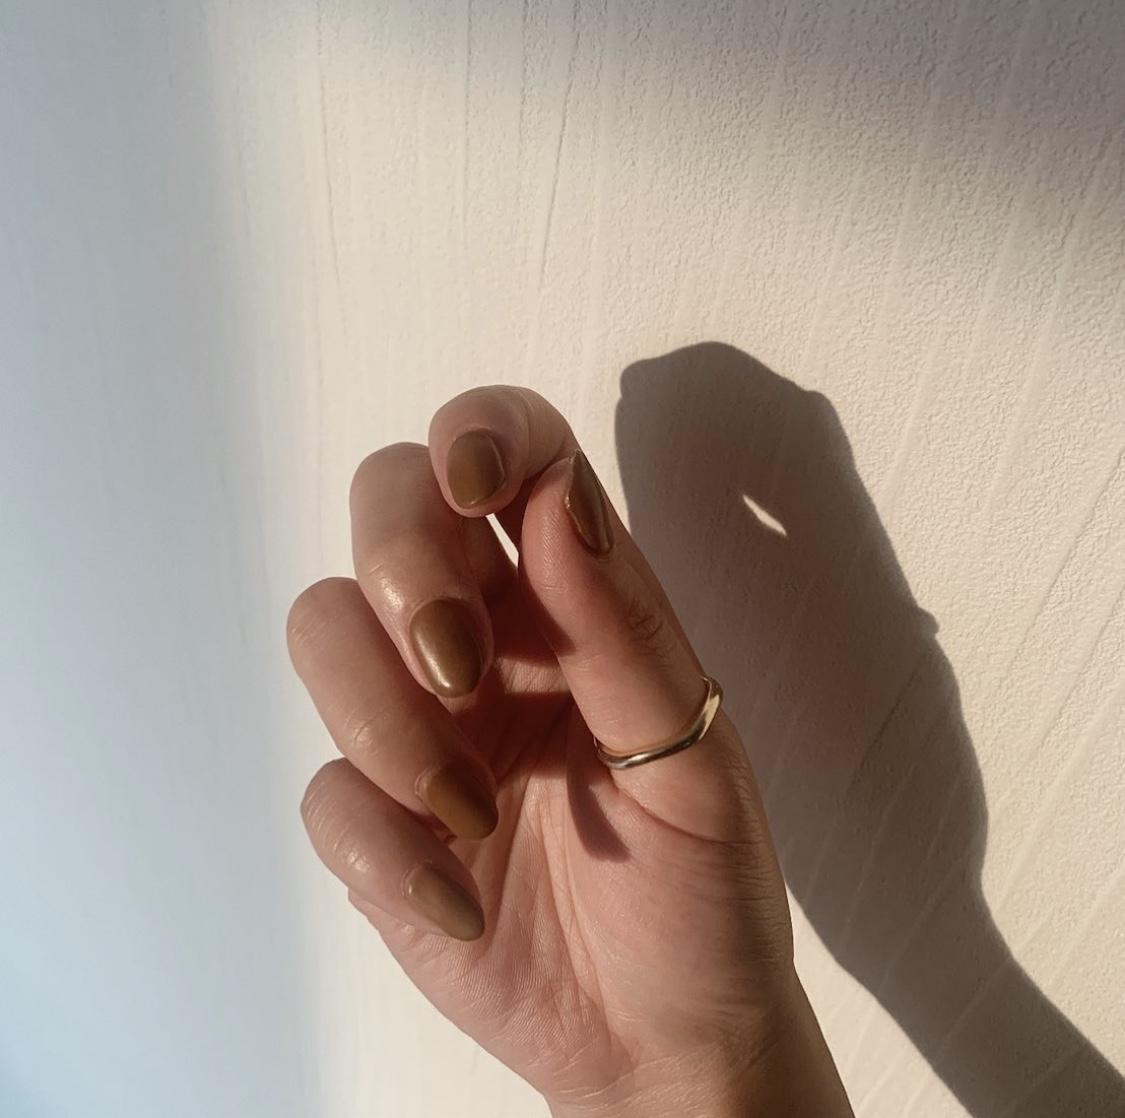 【ネイルデザイン♪】オシャレさん必見!上品ネイルデザイン紹介♪【シンプル・上品ネイル】_4